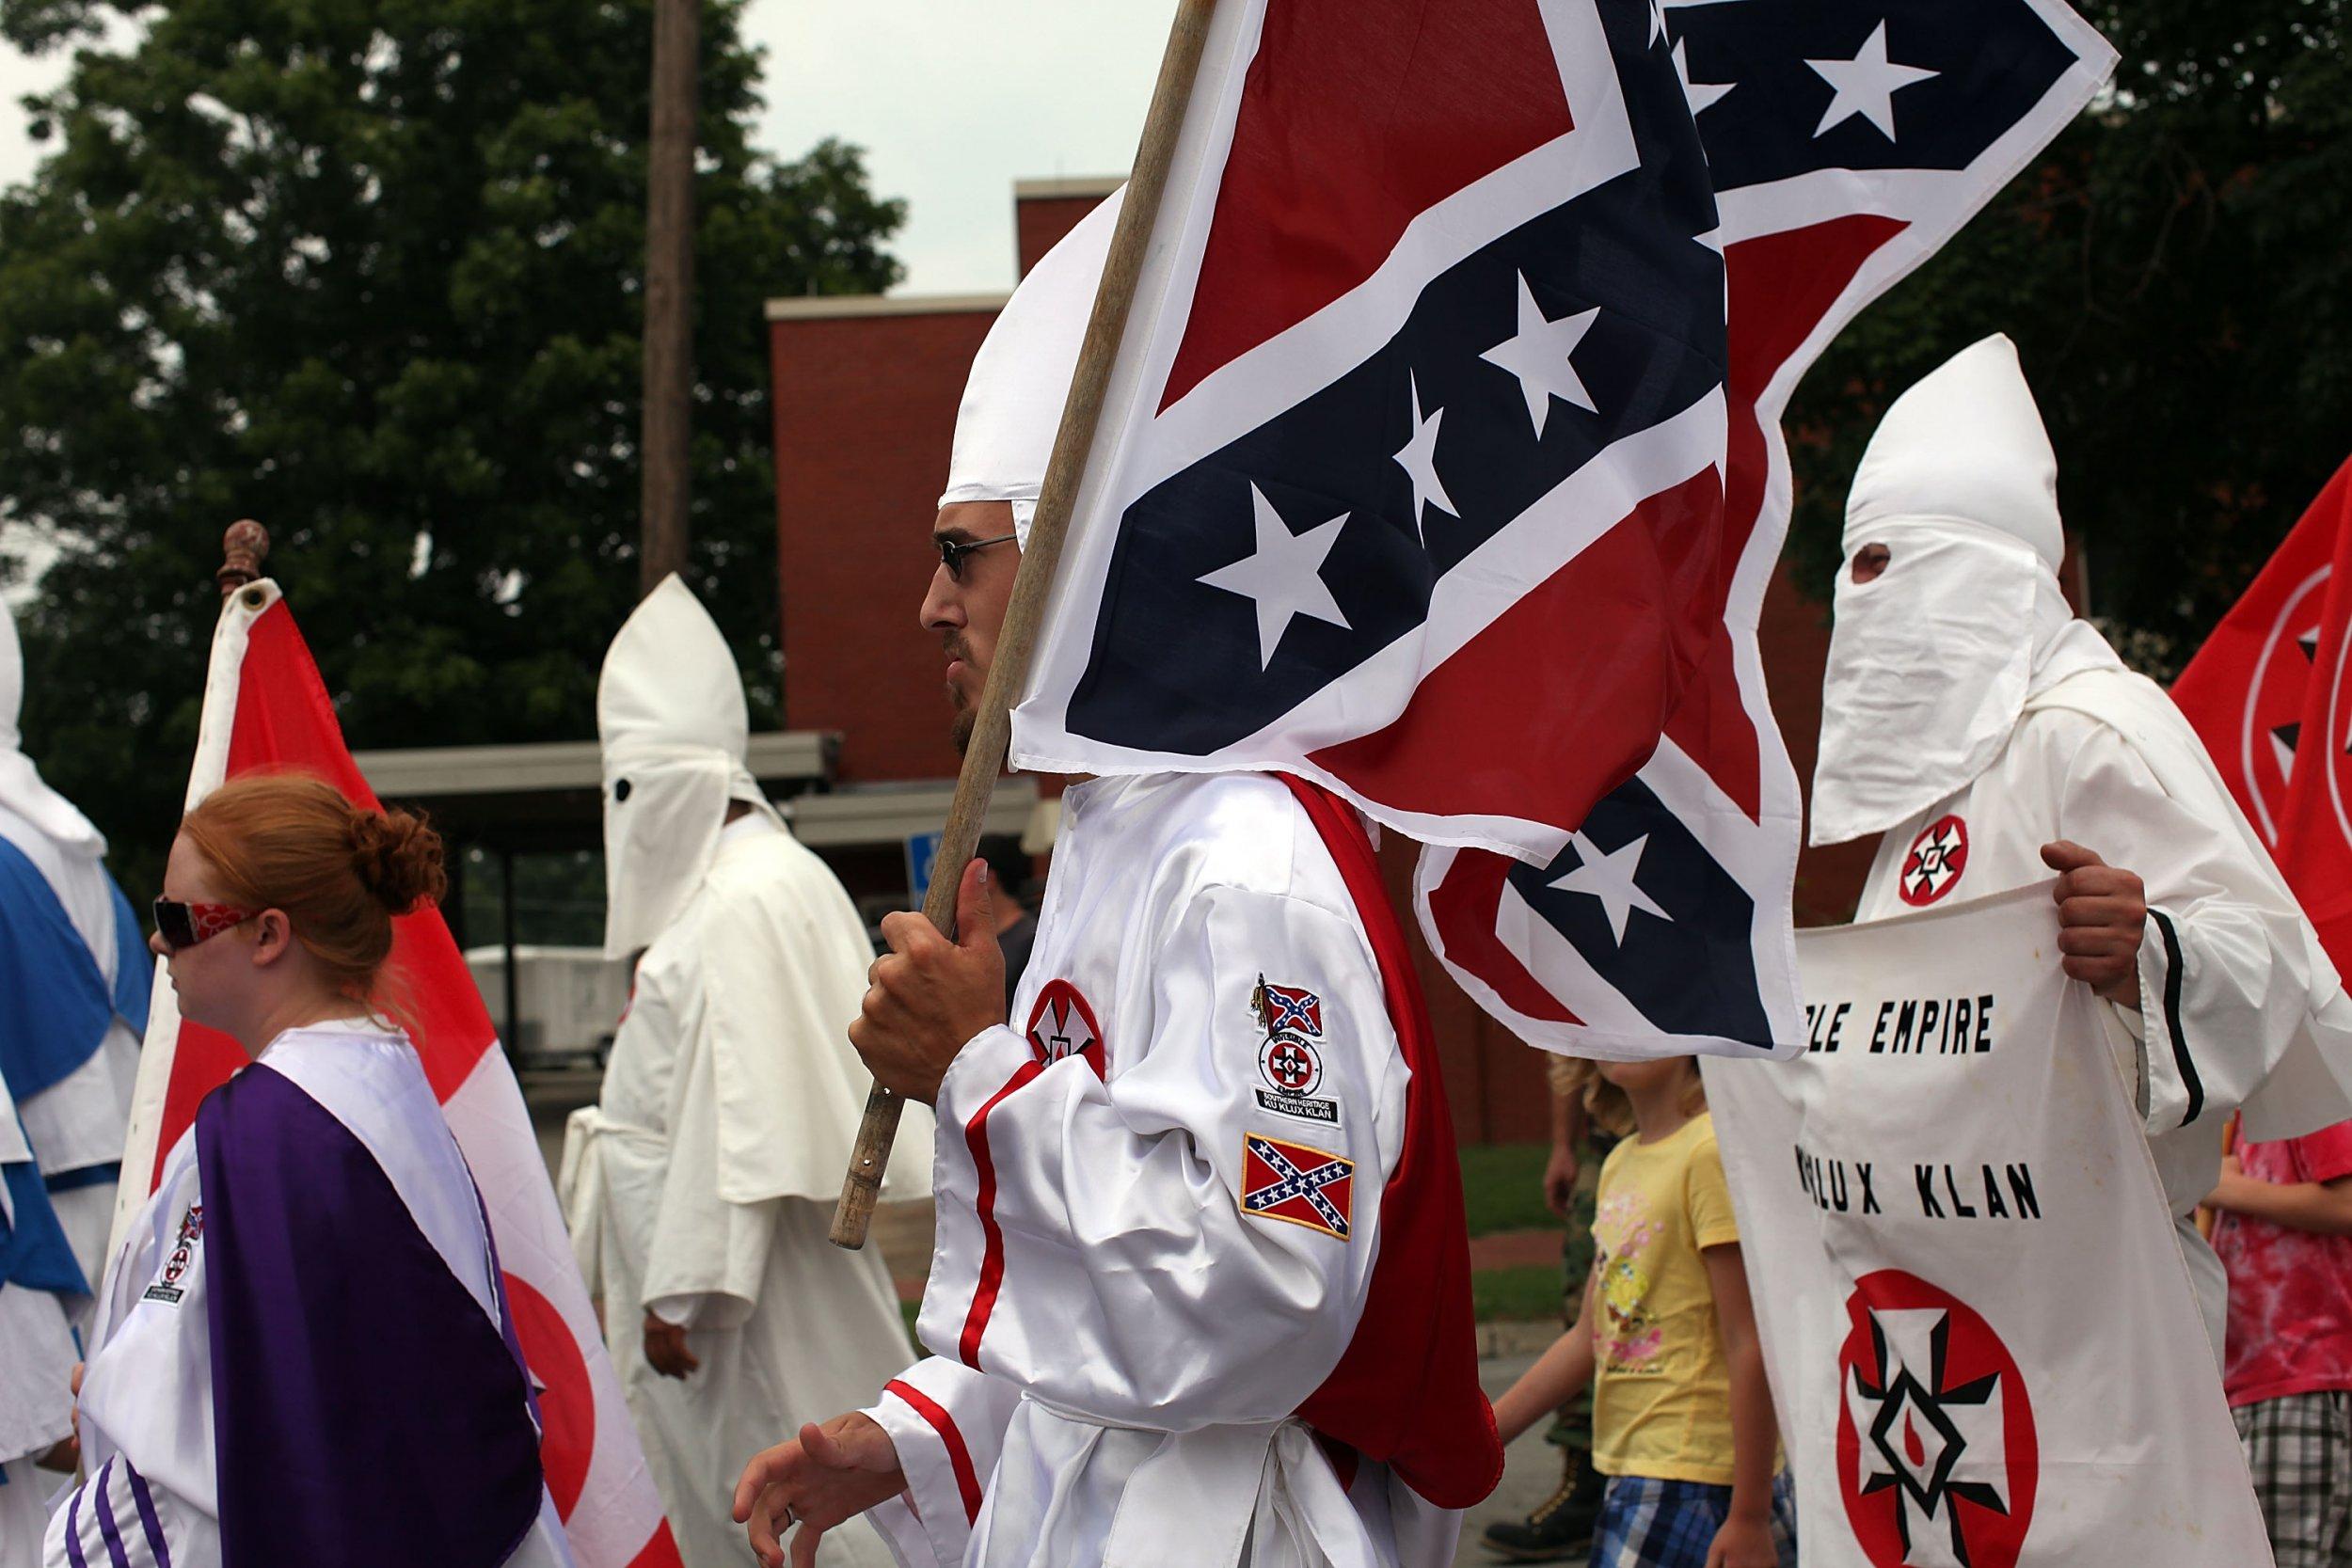 KKK Says Pro-White Message Isn\'t Racist, Celebrates White Pride